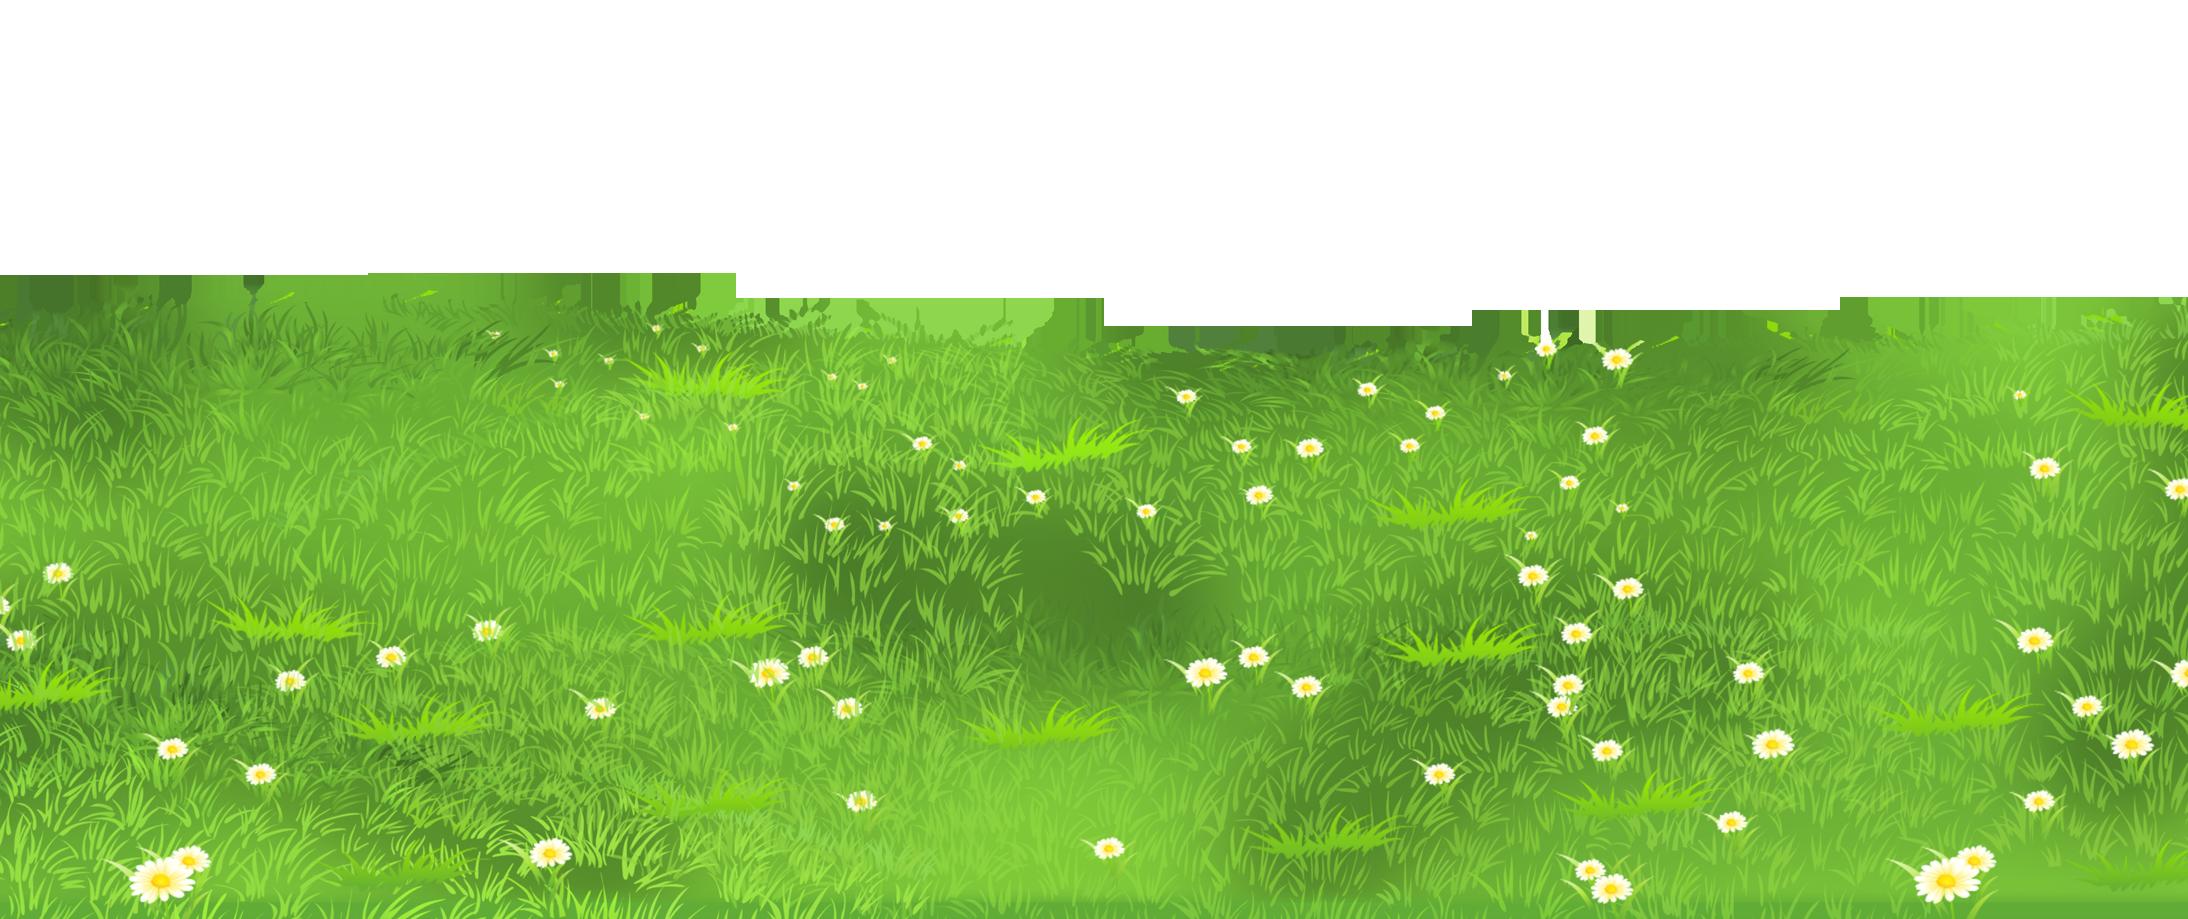 Green image diversos pinterest. Clipart grass forest grass